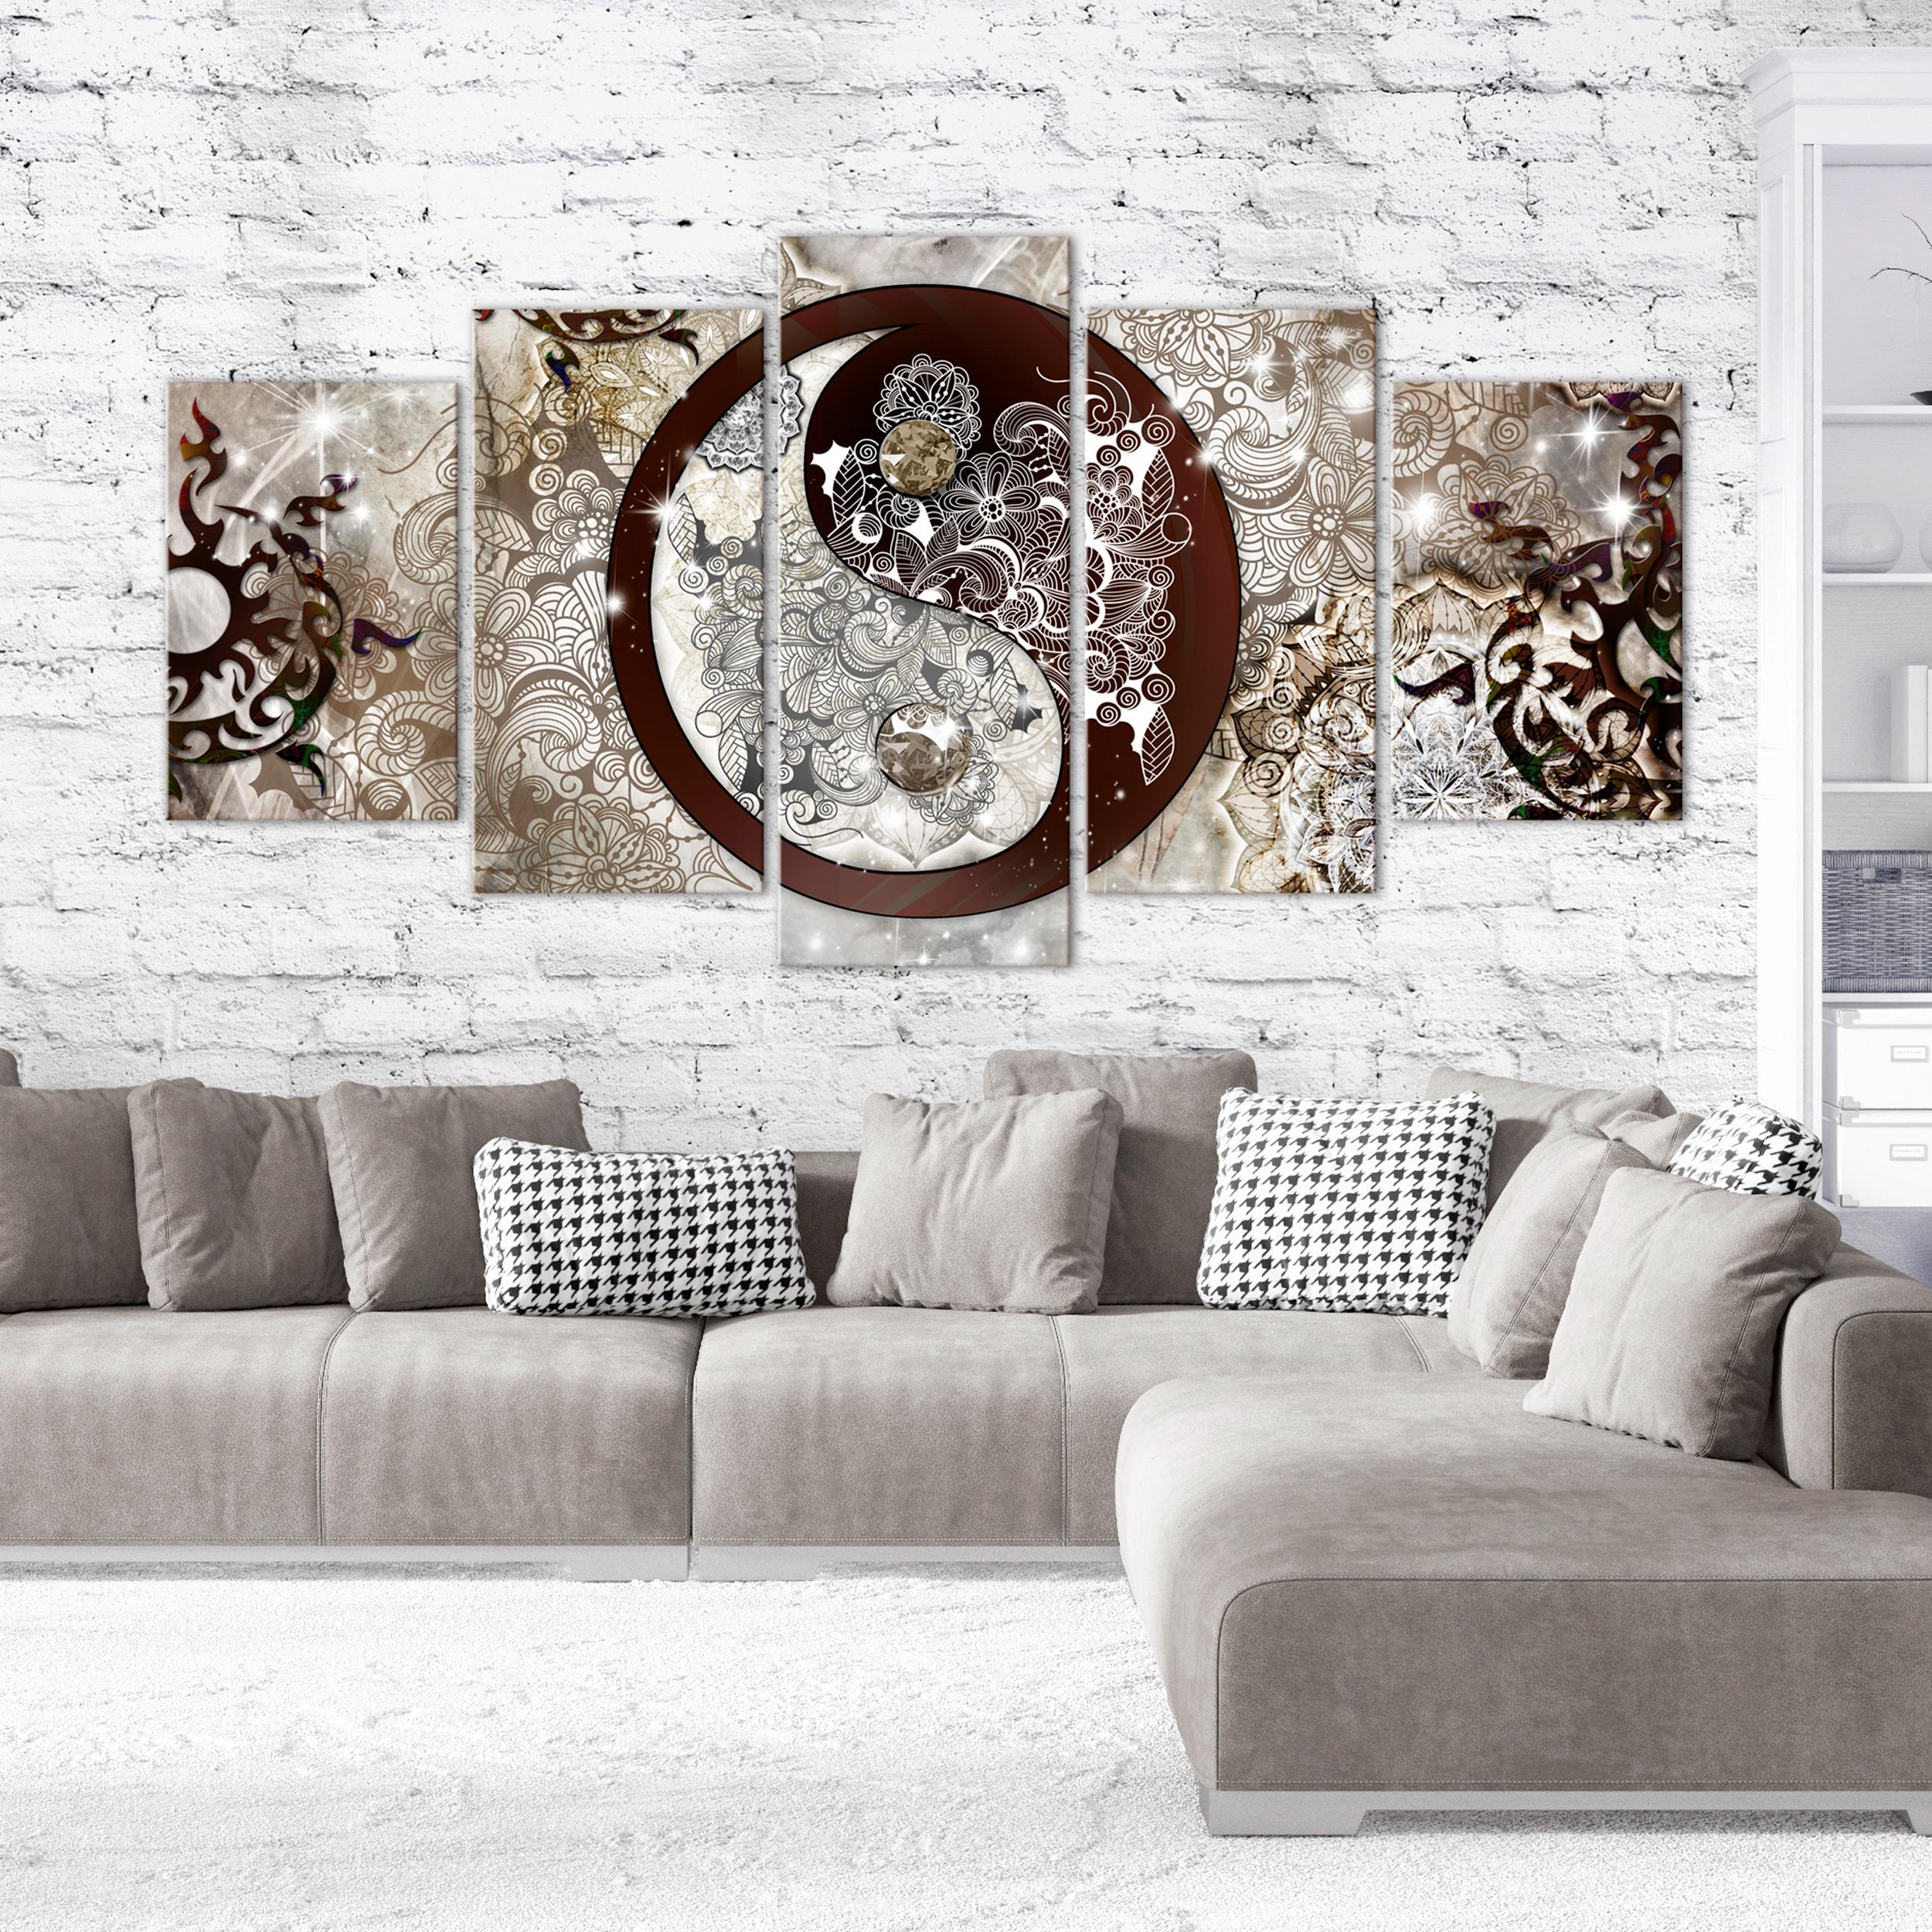 Zen Abstrakt Leinwand Bilder Bild Wandbilder Yin Yang Xxl Wohnzimmer Mehrteilig Ebay